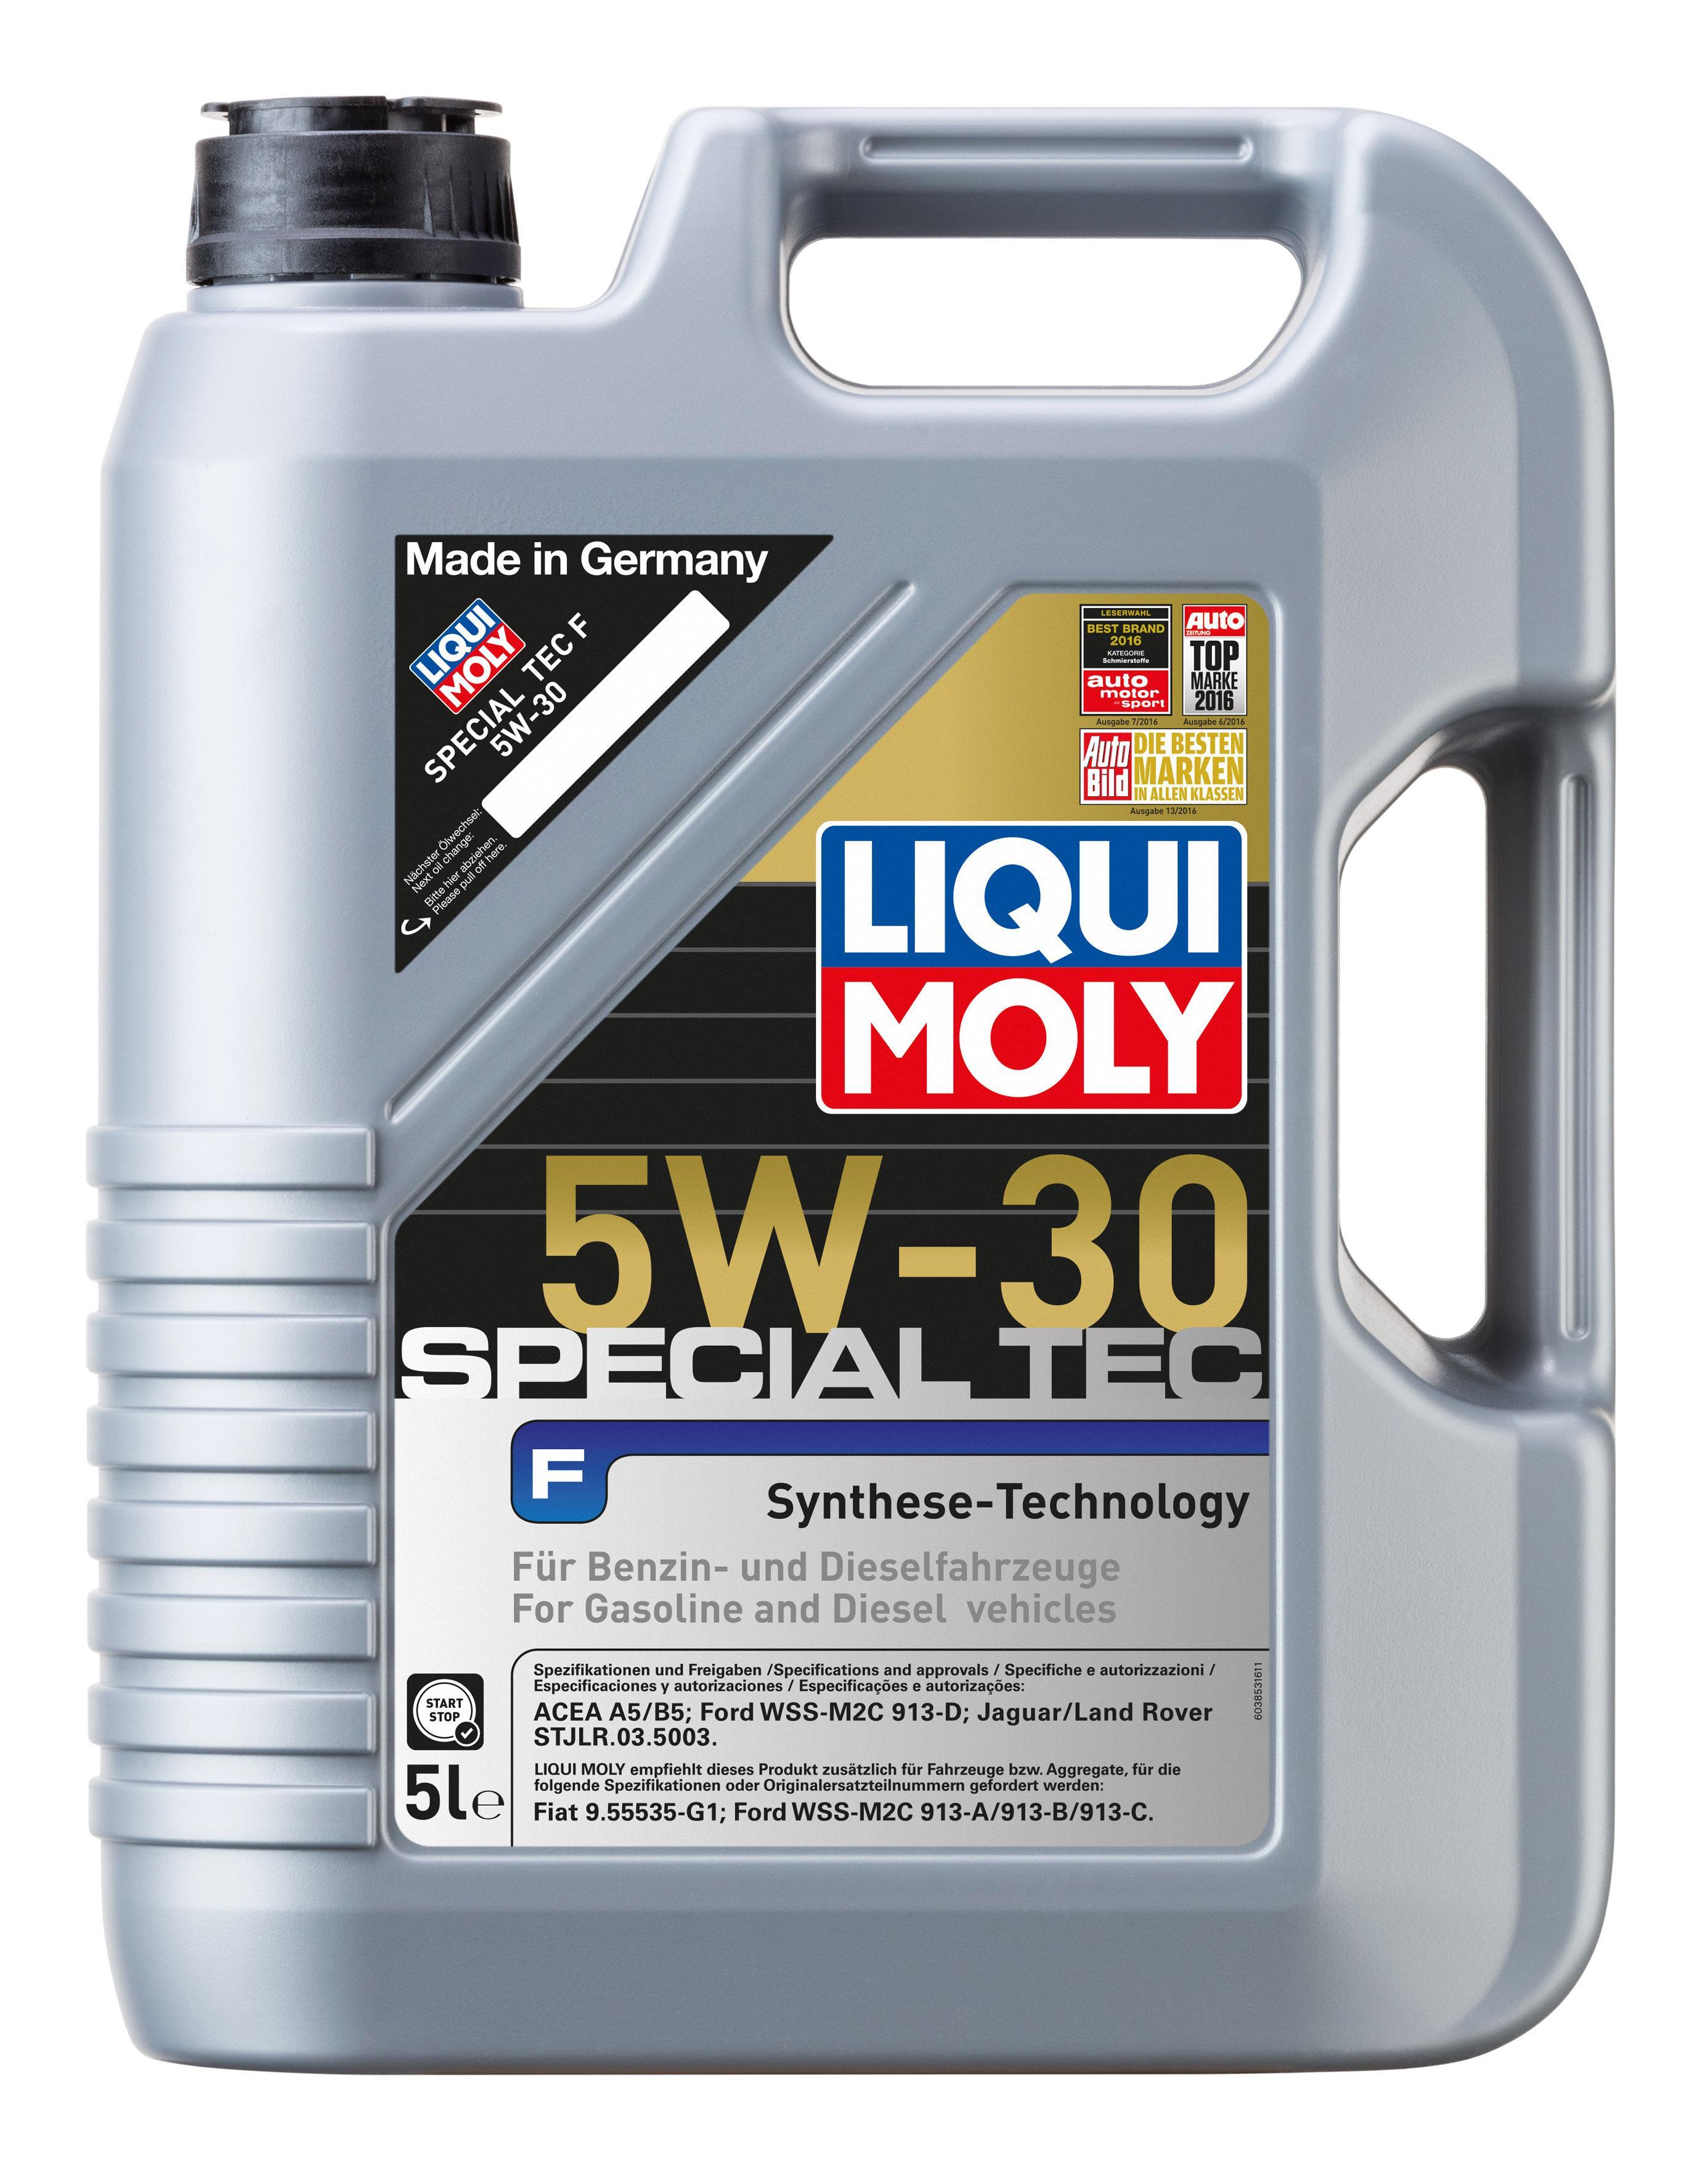 SpecialTecF5W30 LIQUI MOLY Special Tec, F 5W-30, 5l, Olej syntetyczny Olej silnikowy 2326 kupić niedrogo